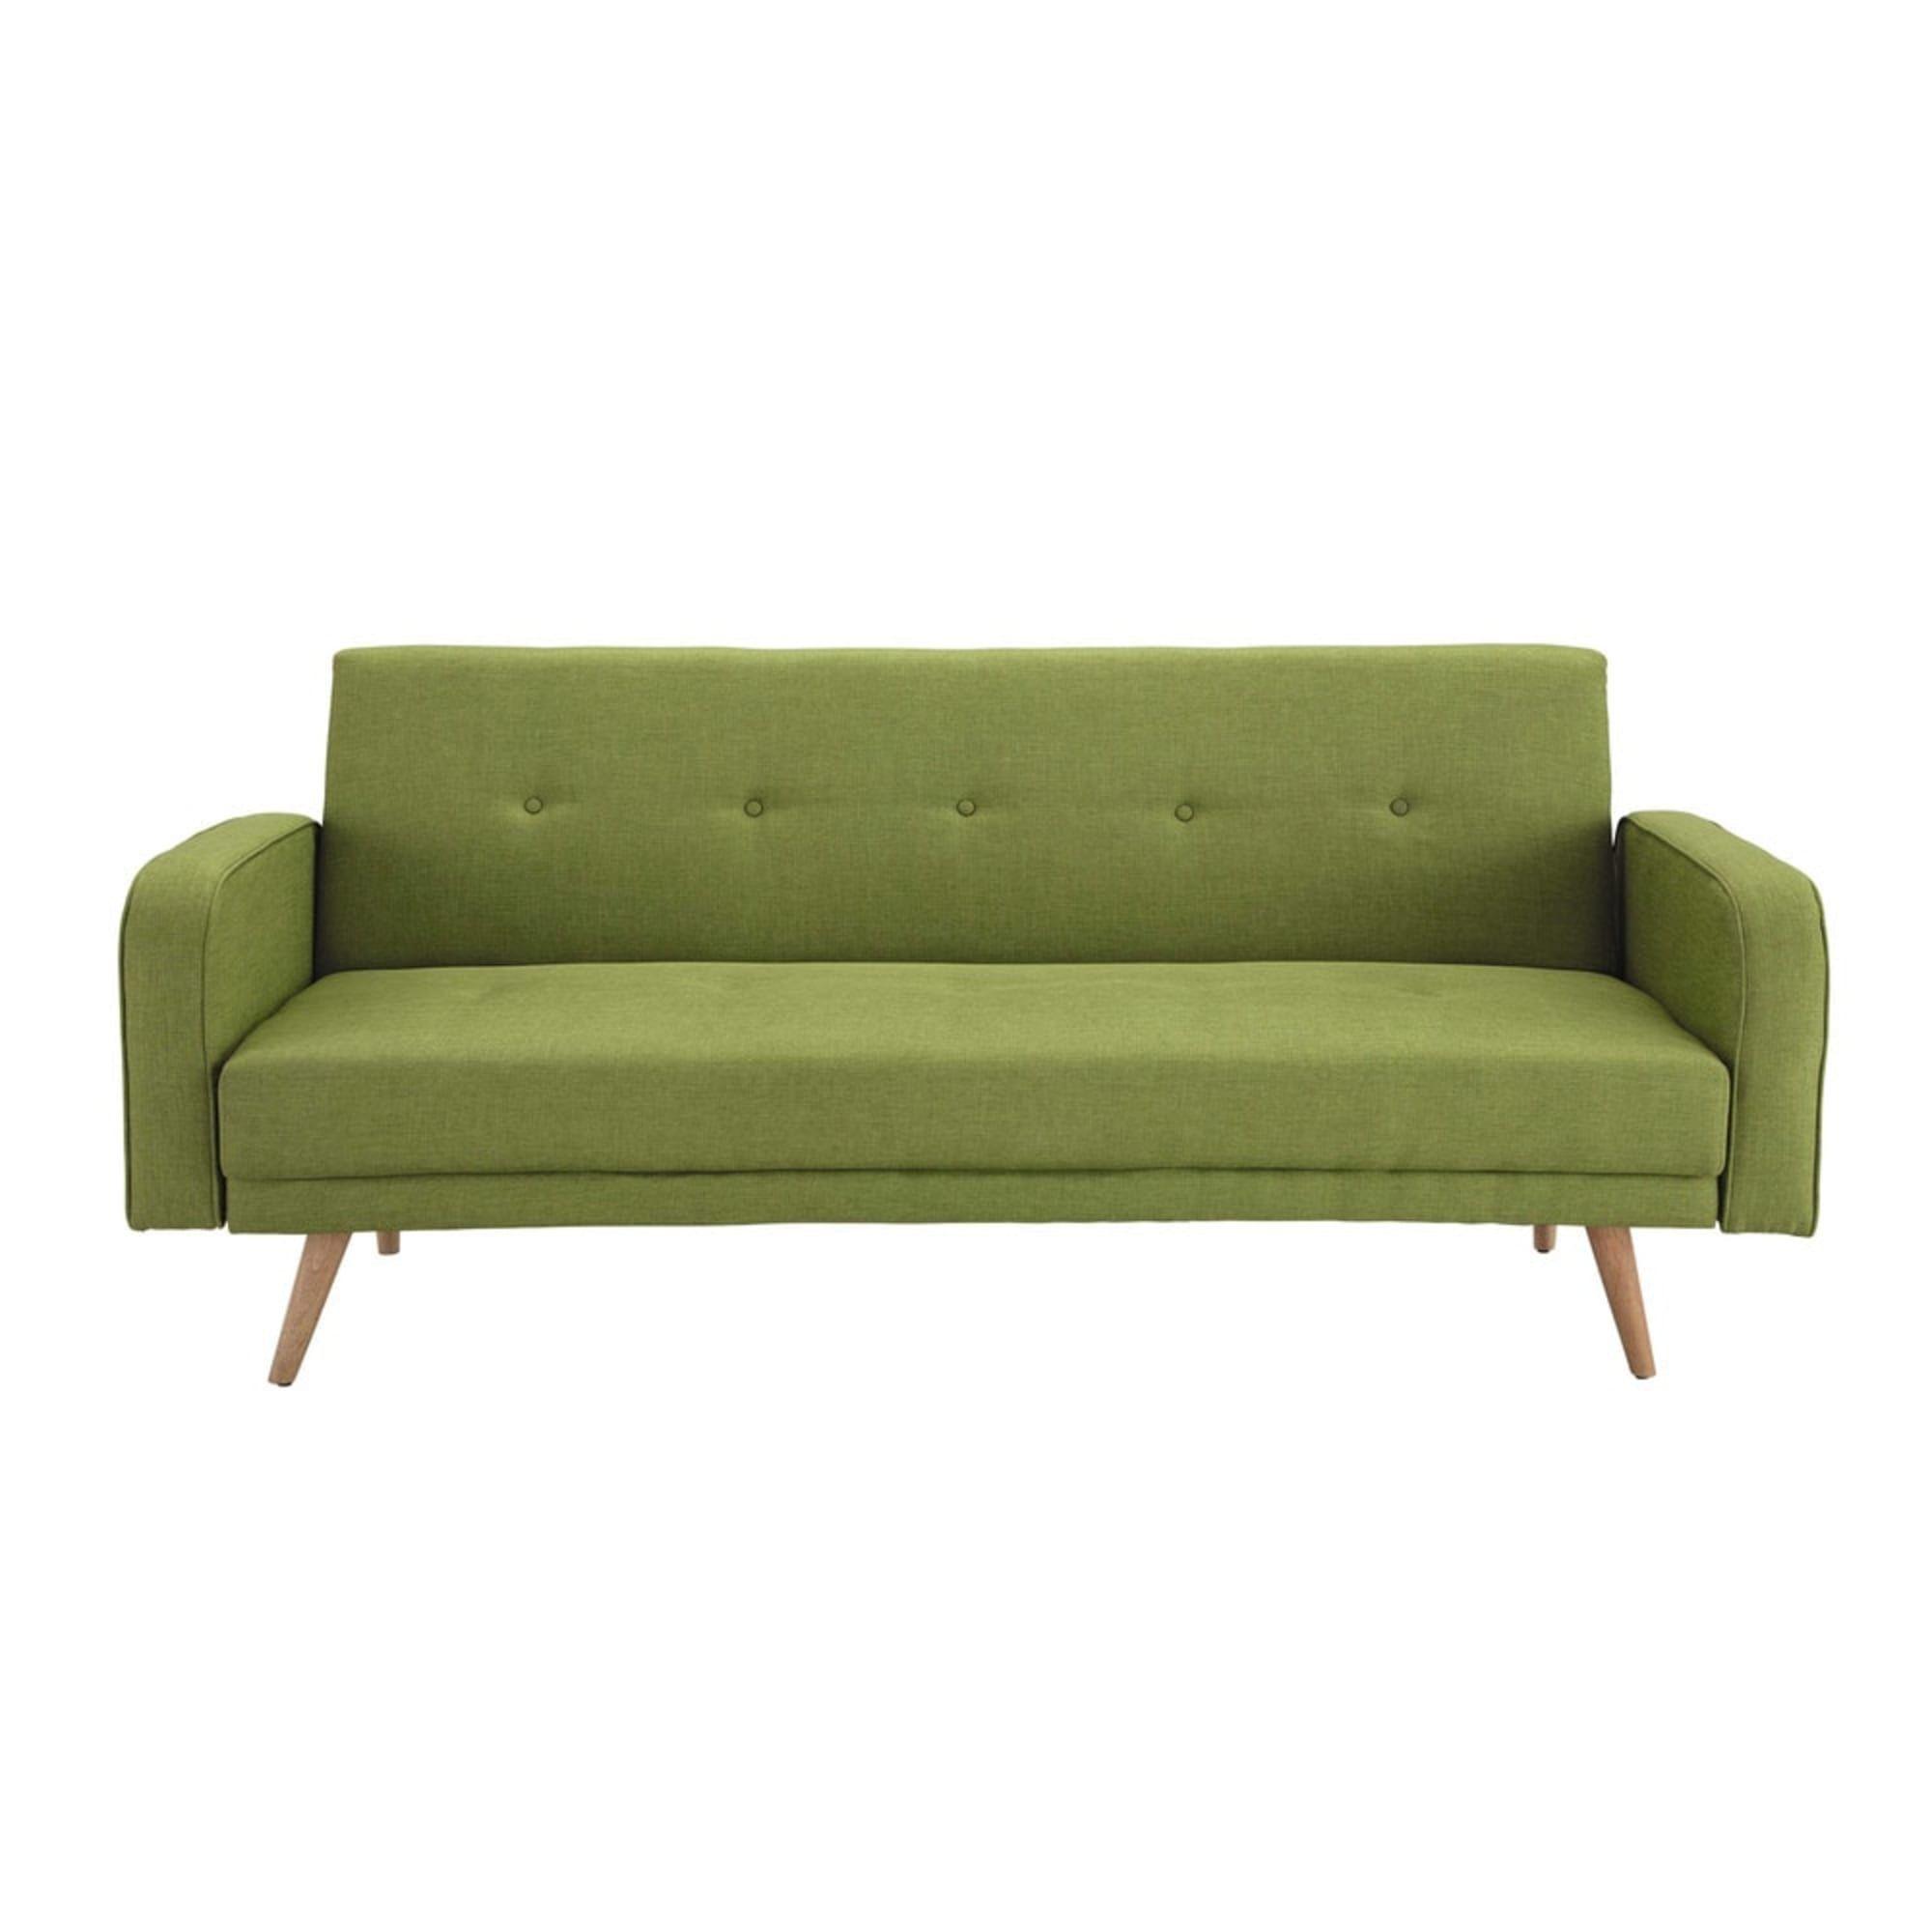 Canape Clic Clac 3 Places Vert D Eau Canape Lit Convertible Canape Convertible 3 Places Et But Canape